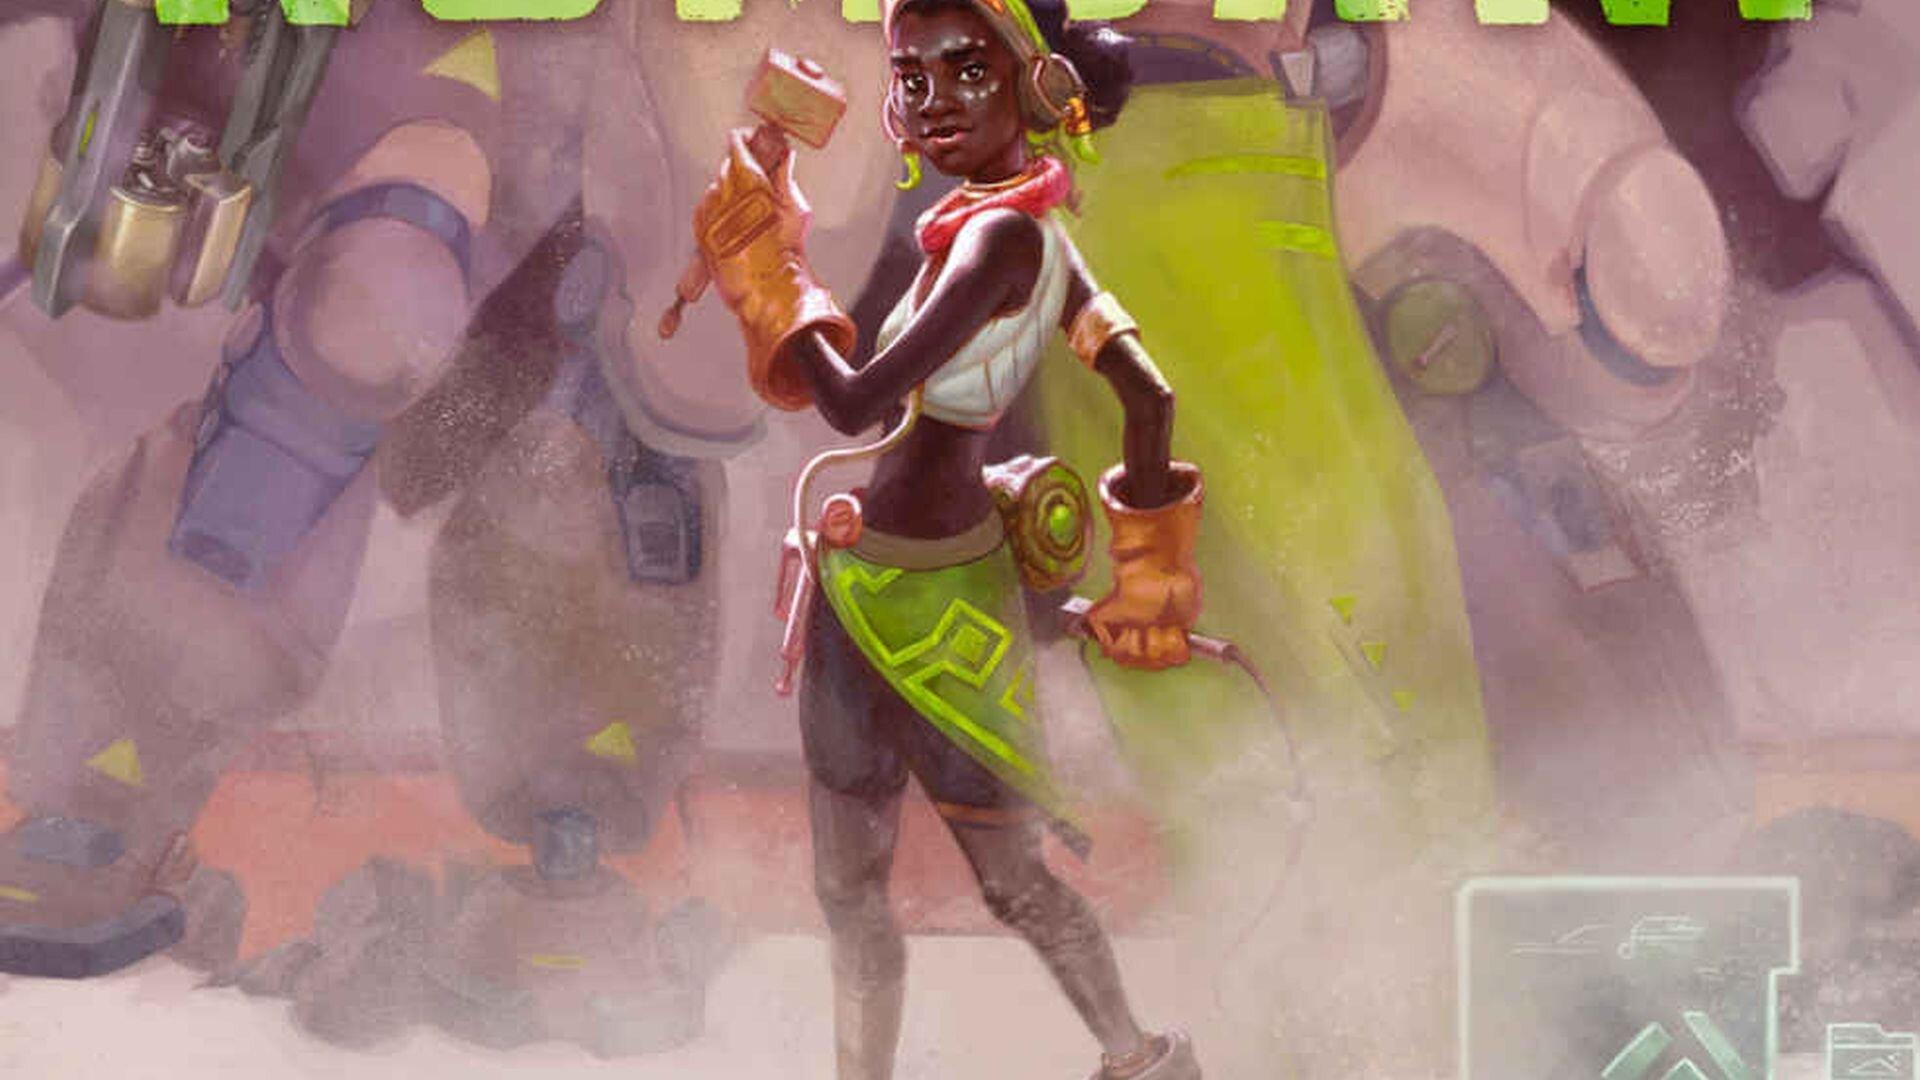 Overwatch: L'eroe di Numbani - Recensione del primo romanzo di Overwatch